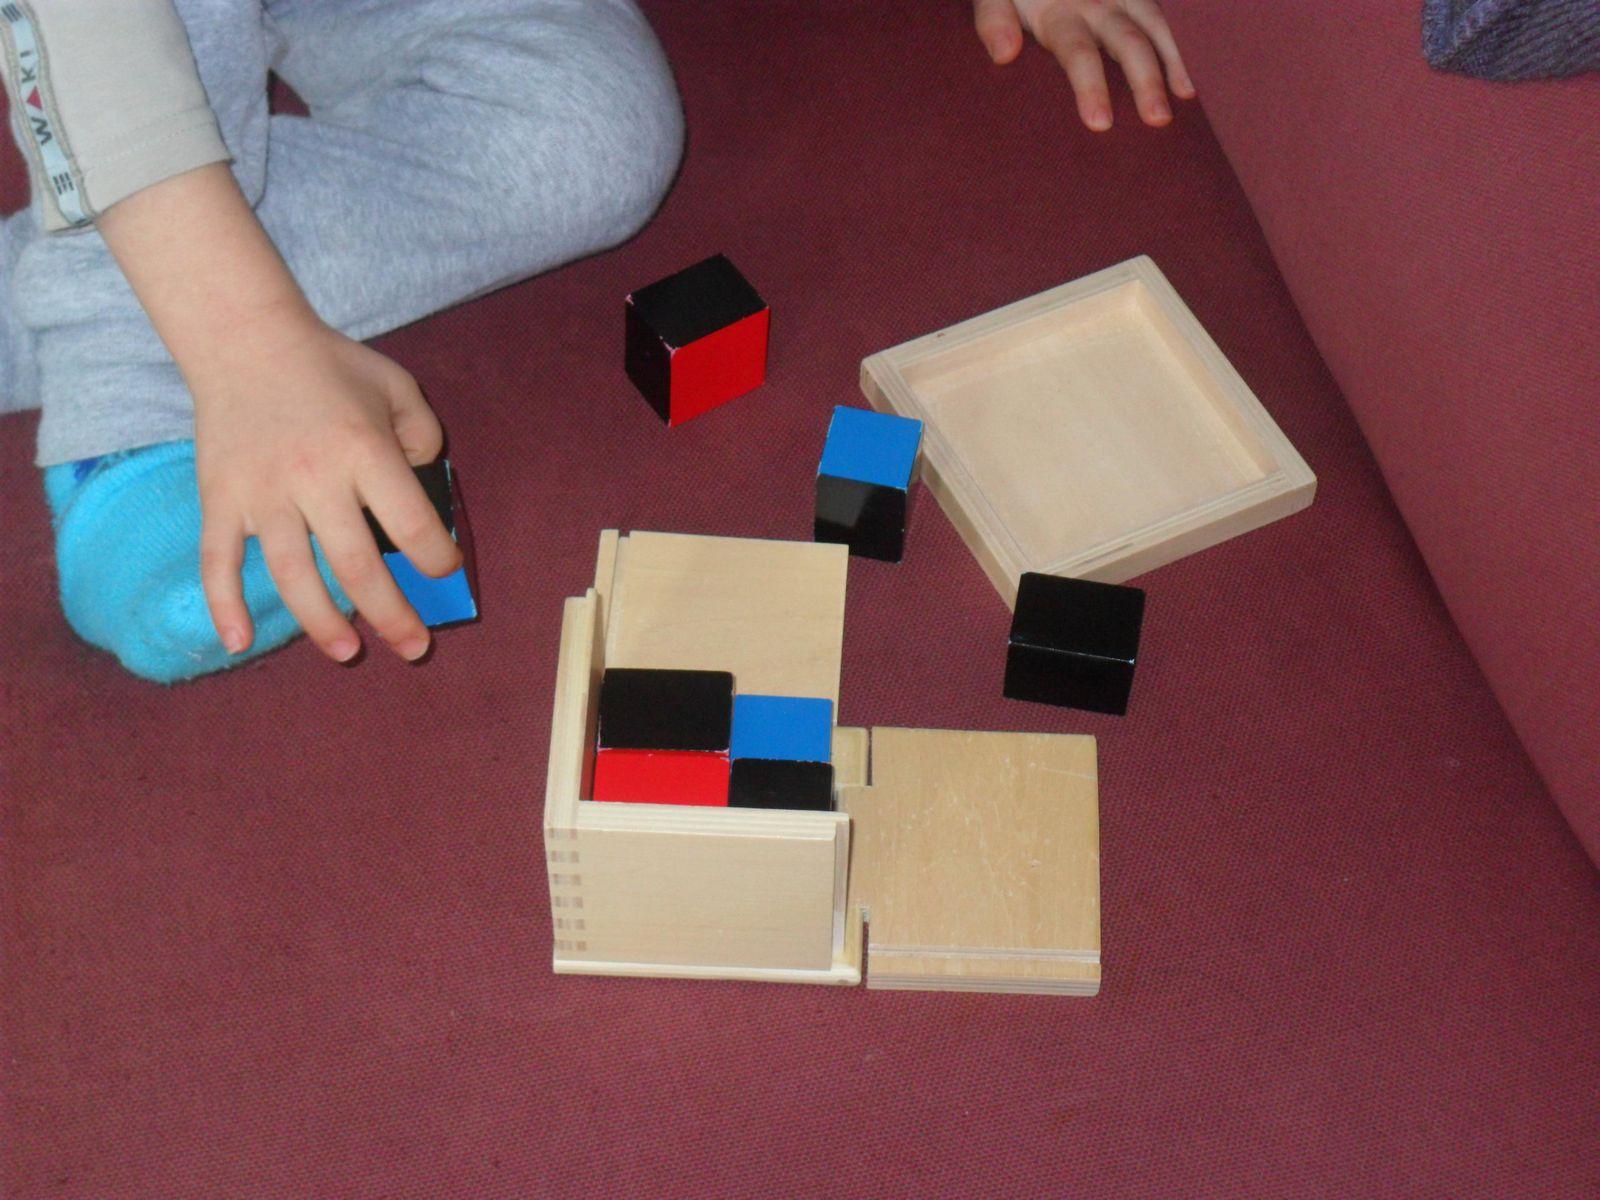 Timéo et le cube de binôme